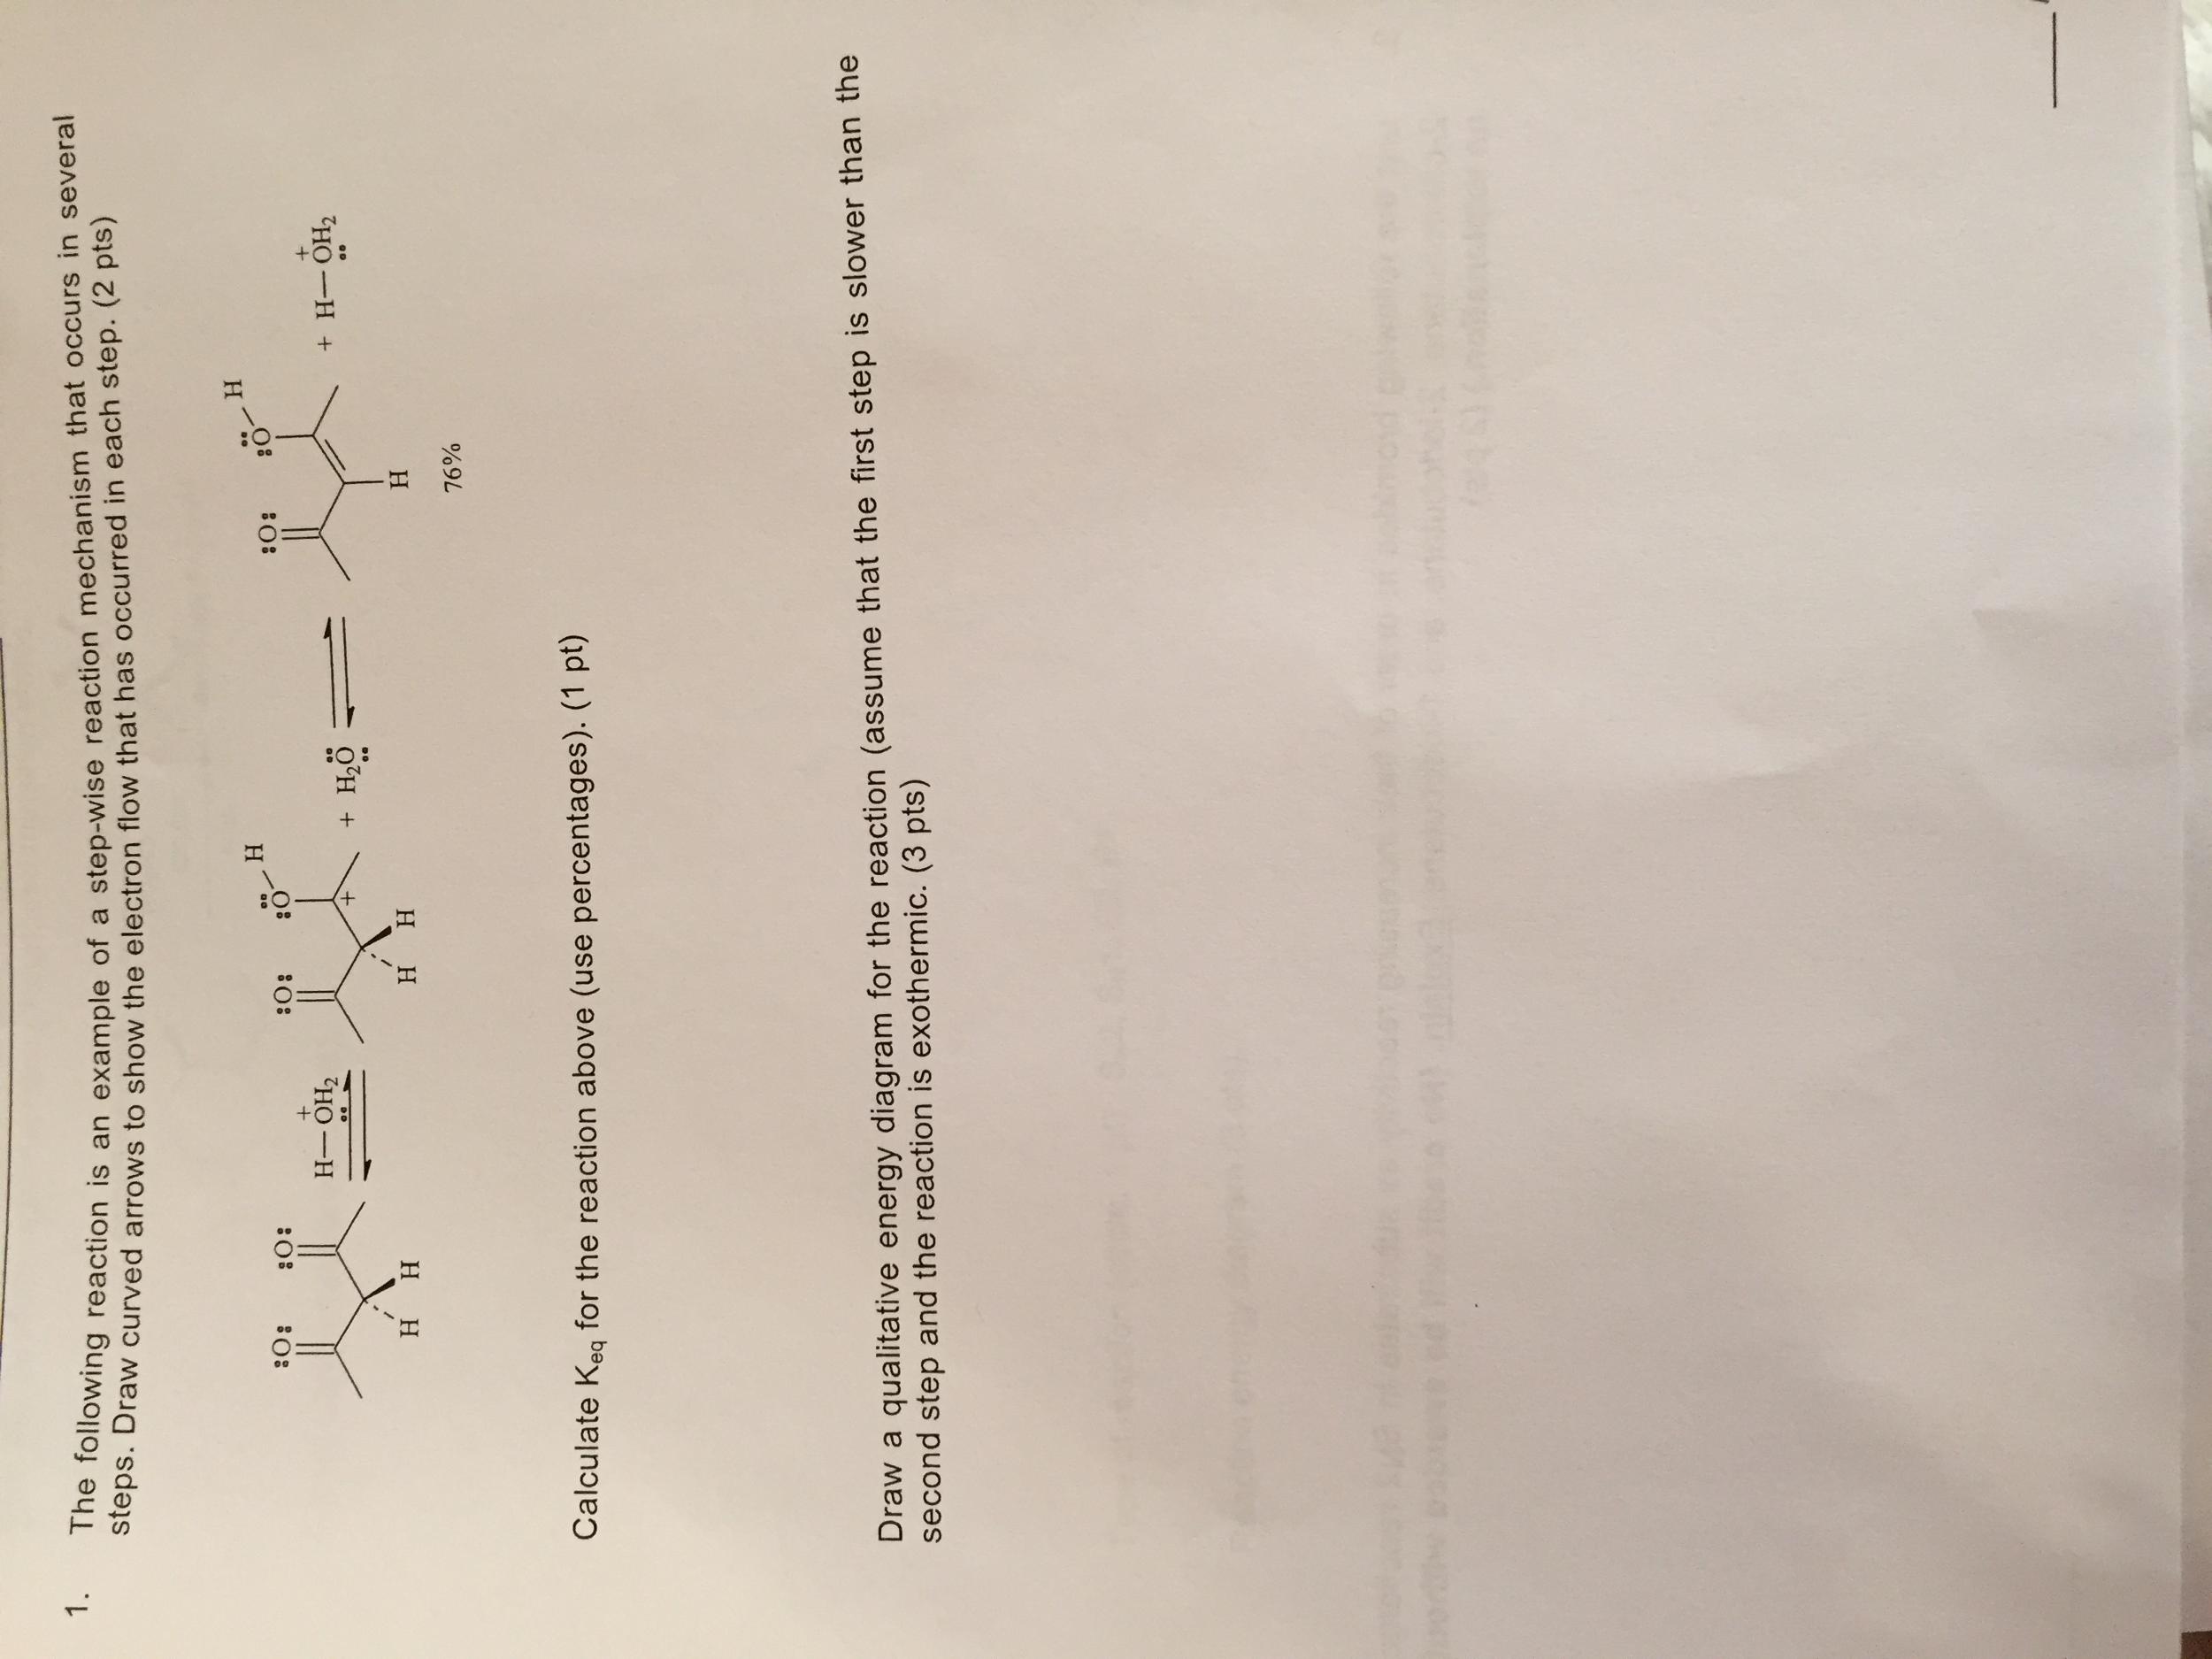 Chemistry Archive | June 28, 2016 | Chegg.com